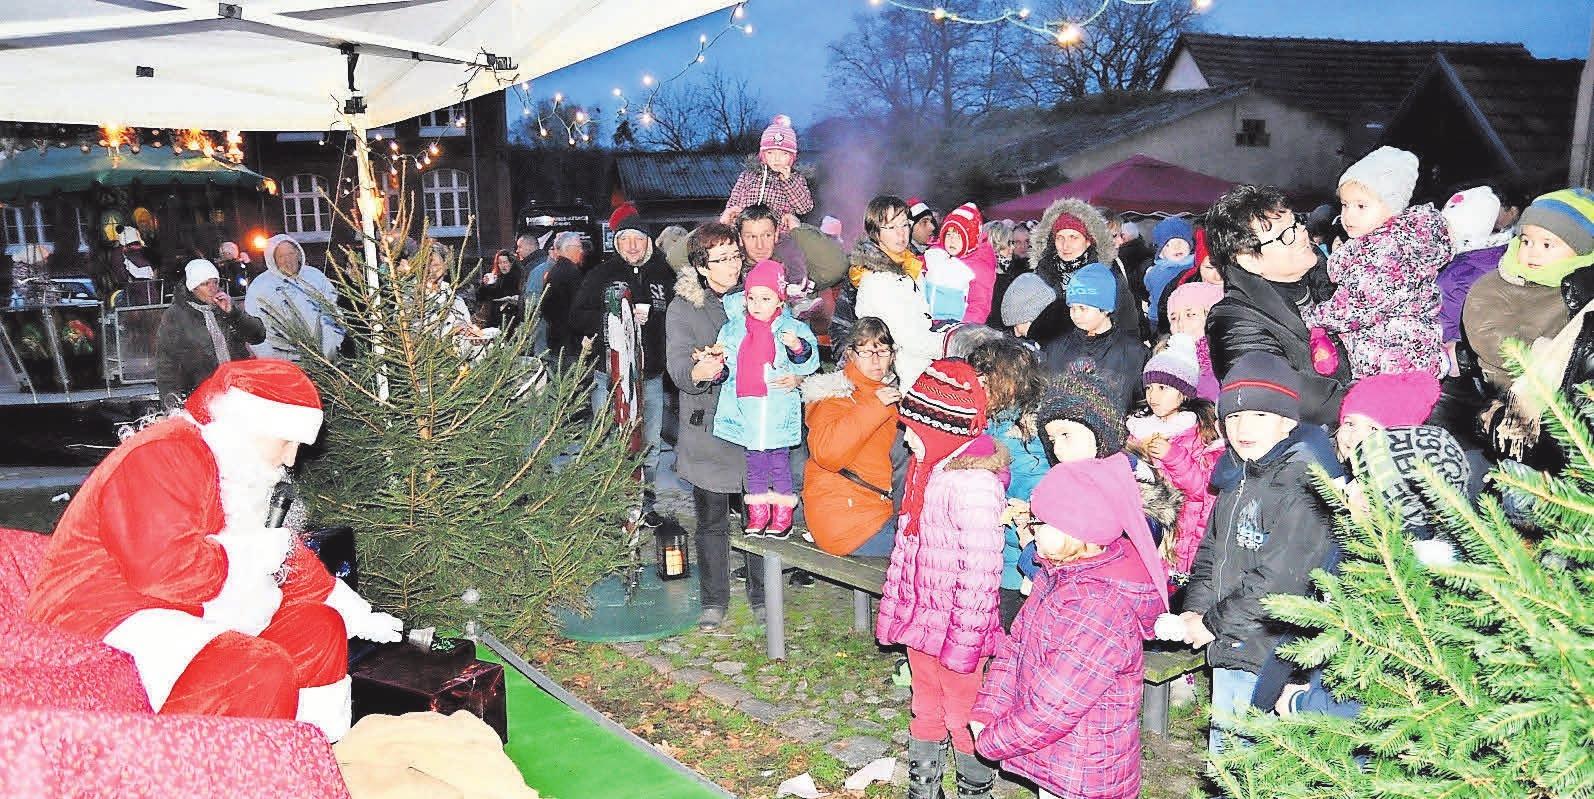 Klein gemütlich und familiär: der Weihnachtsmarkt in Lindow.     ARCHIVFOTO: REGINE BUDDEKE